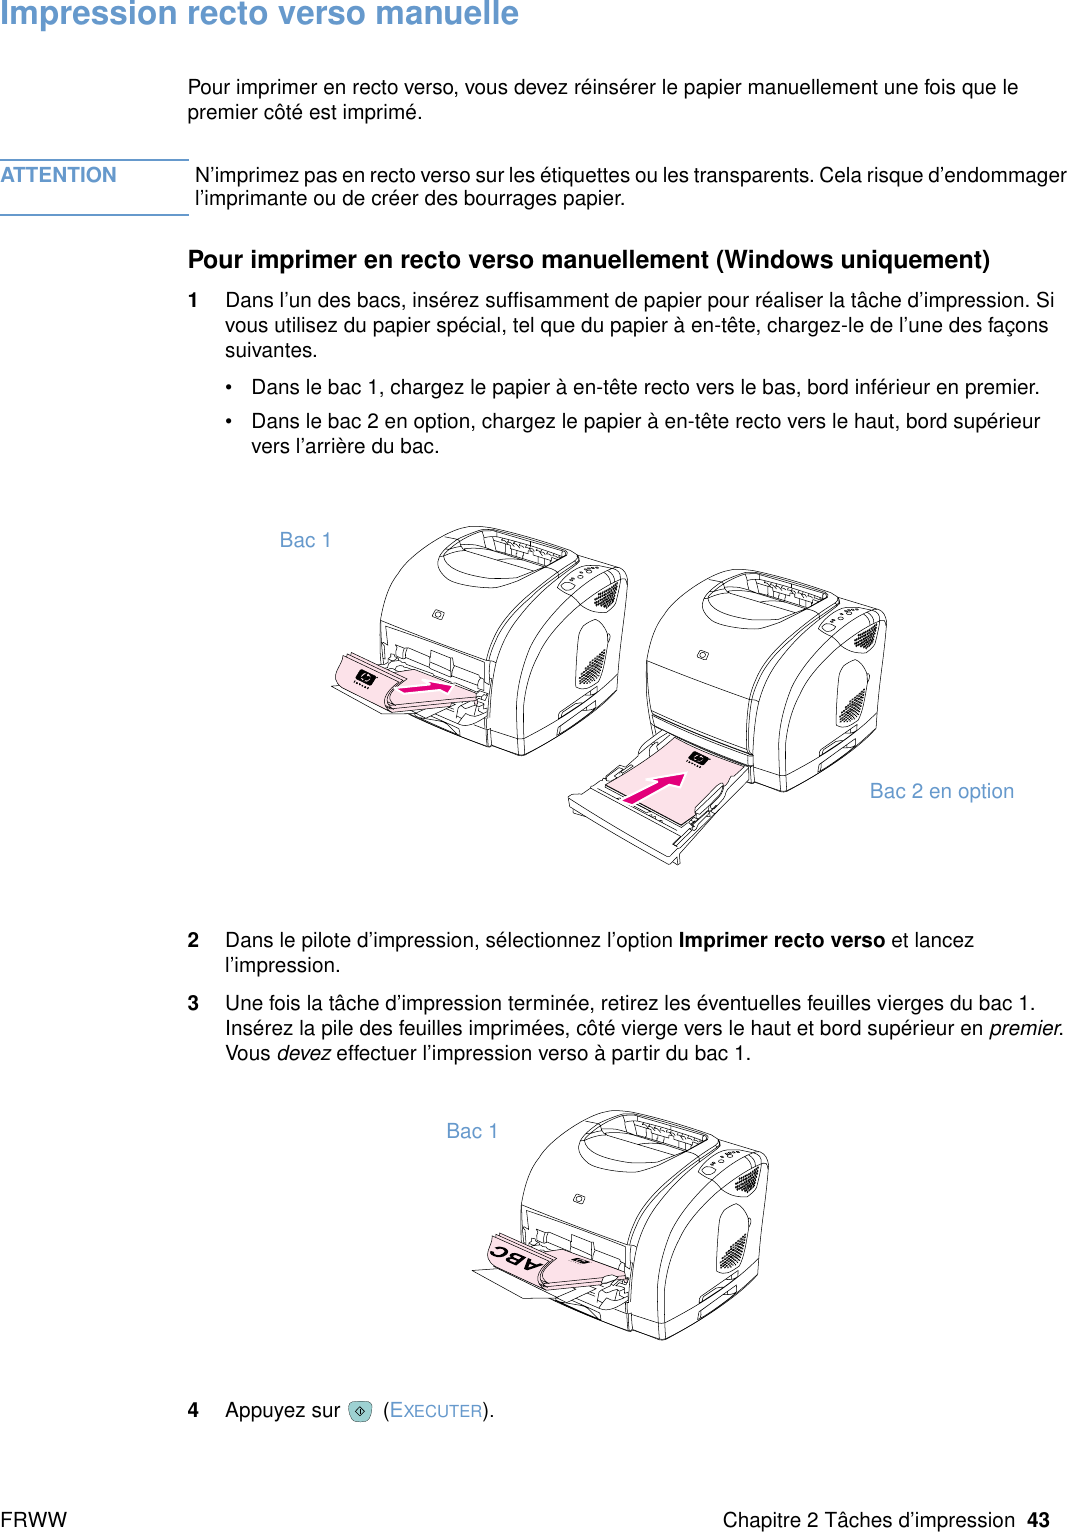 Hp Color Laserjet 1500 Series User Guide Frww Laser Jet